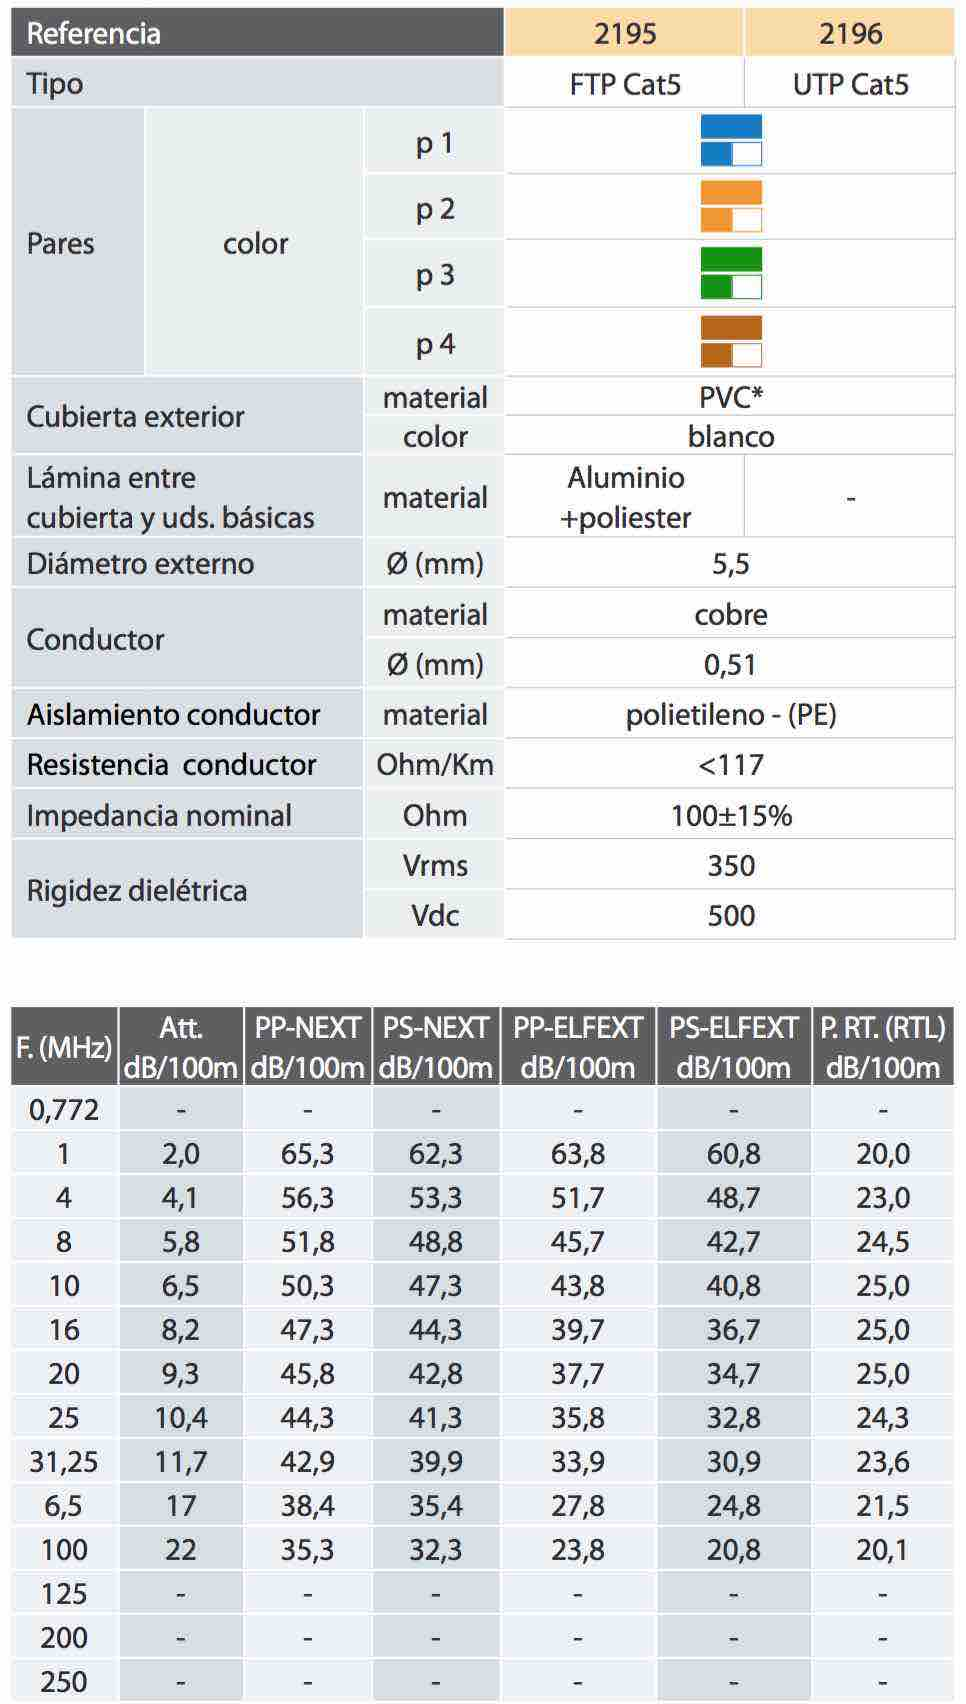 Características de un cable de pares cat 5 - EL CAJÓN DEL ELECTRÓNICO